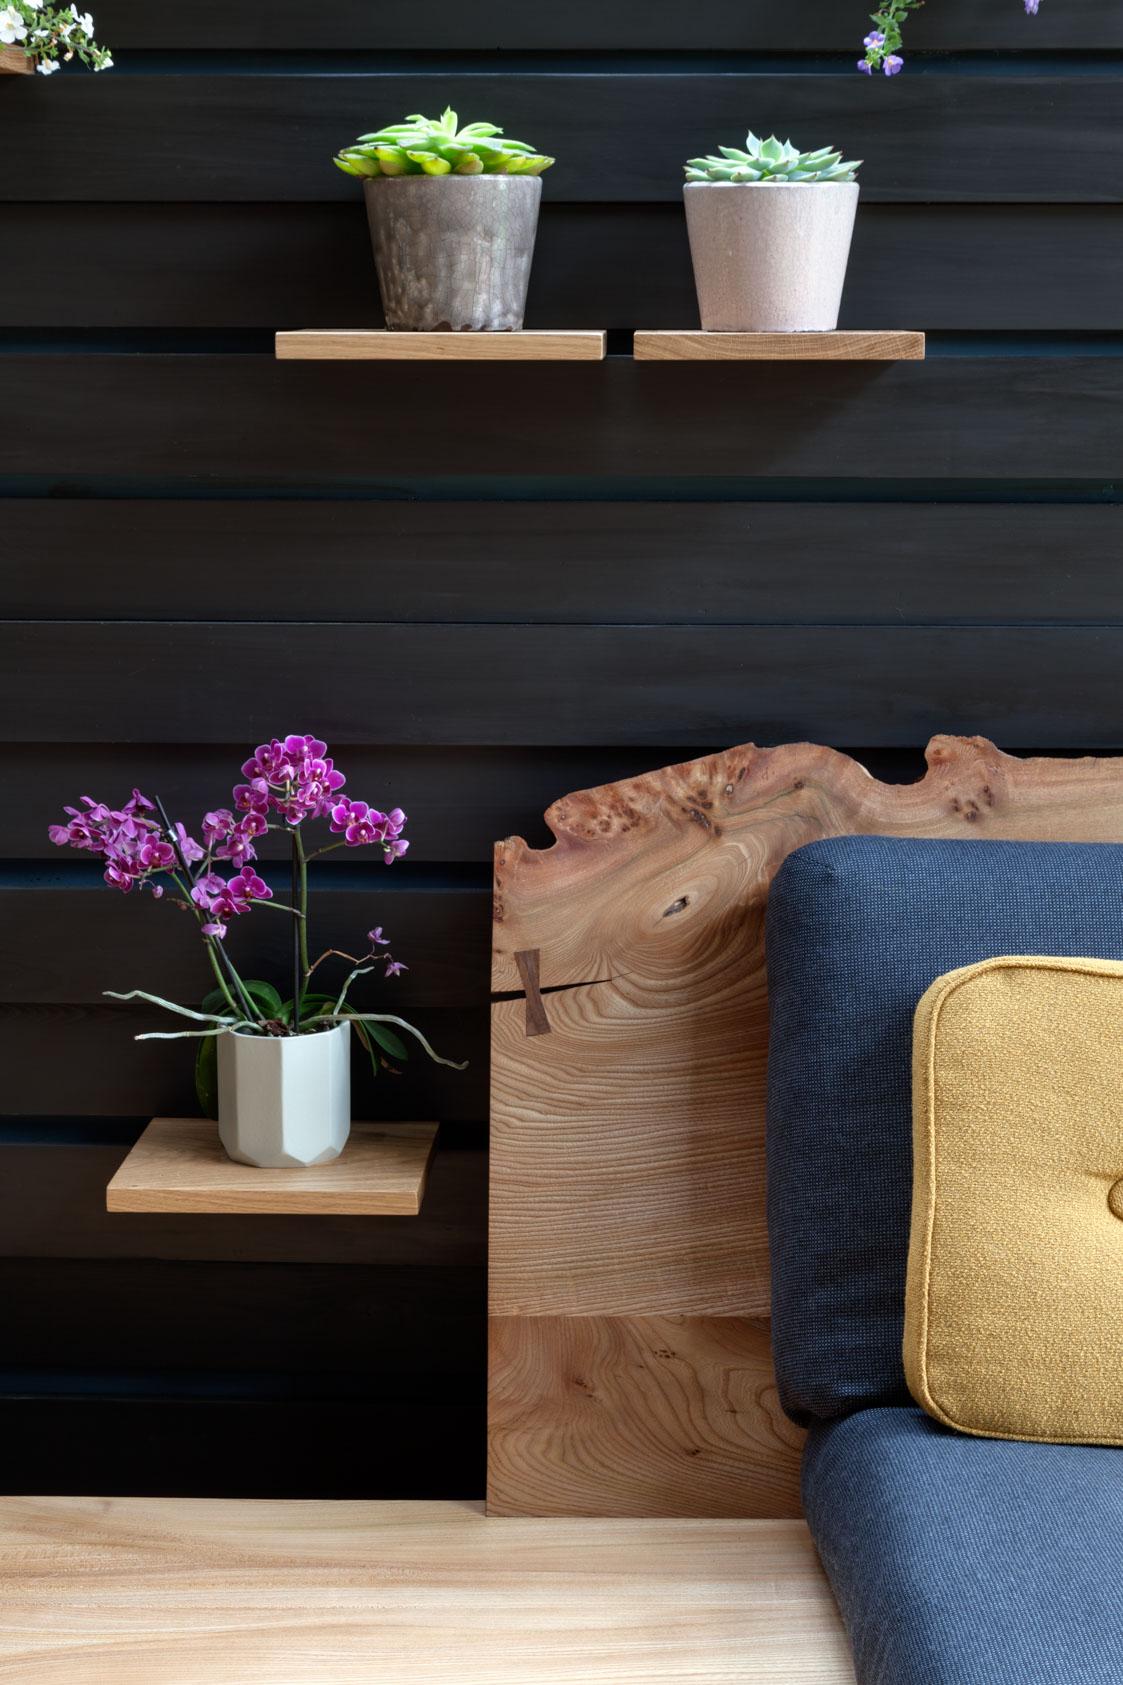 Furniture and Shelf detail from Dangan Road